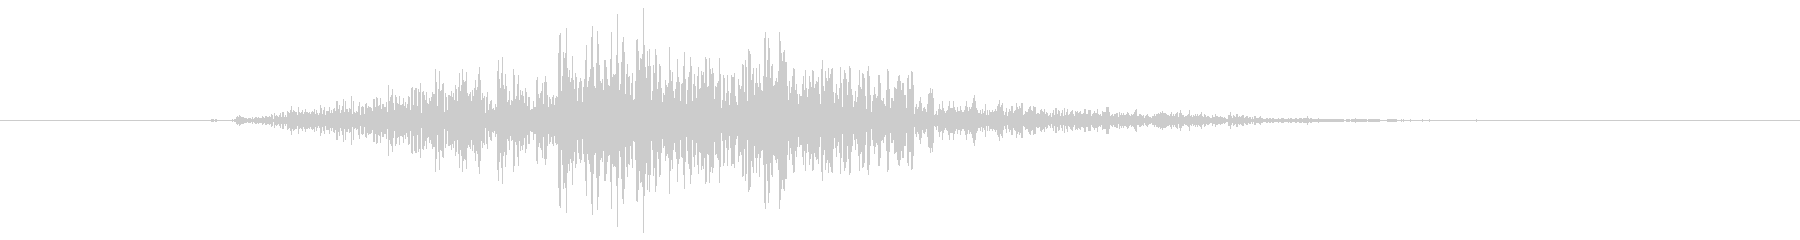 鳴き声 男性ファイトインテンス02の未再生の波形